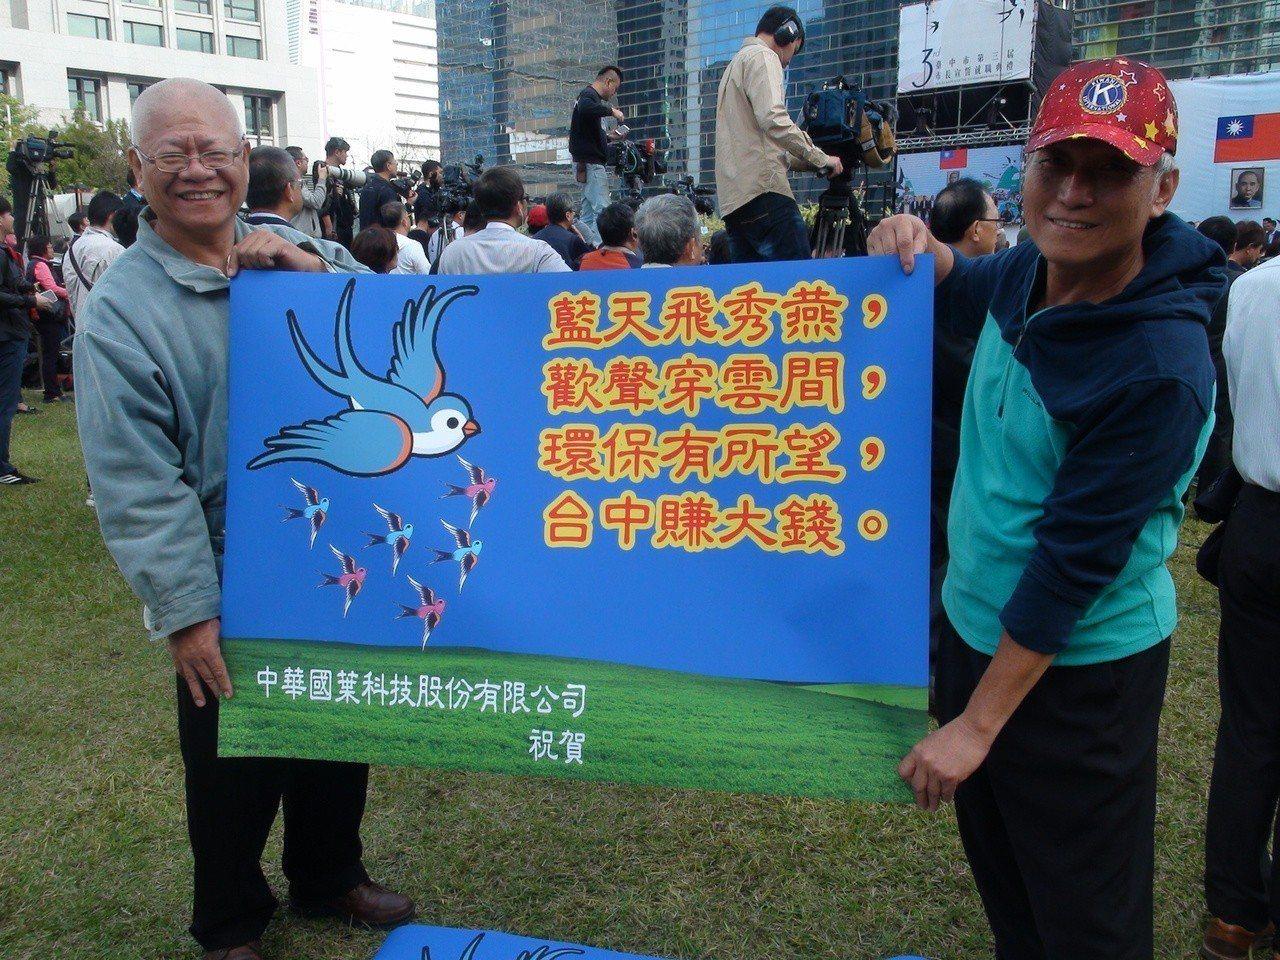 台中市長盧秀燕就職典禮現場有民眾高舉布條,上面寫著「藍天飛秀燕,歡聲穿雲間,環保...